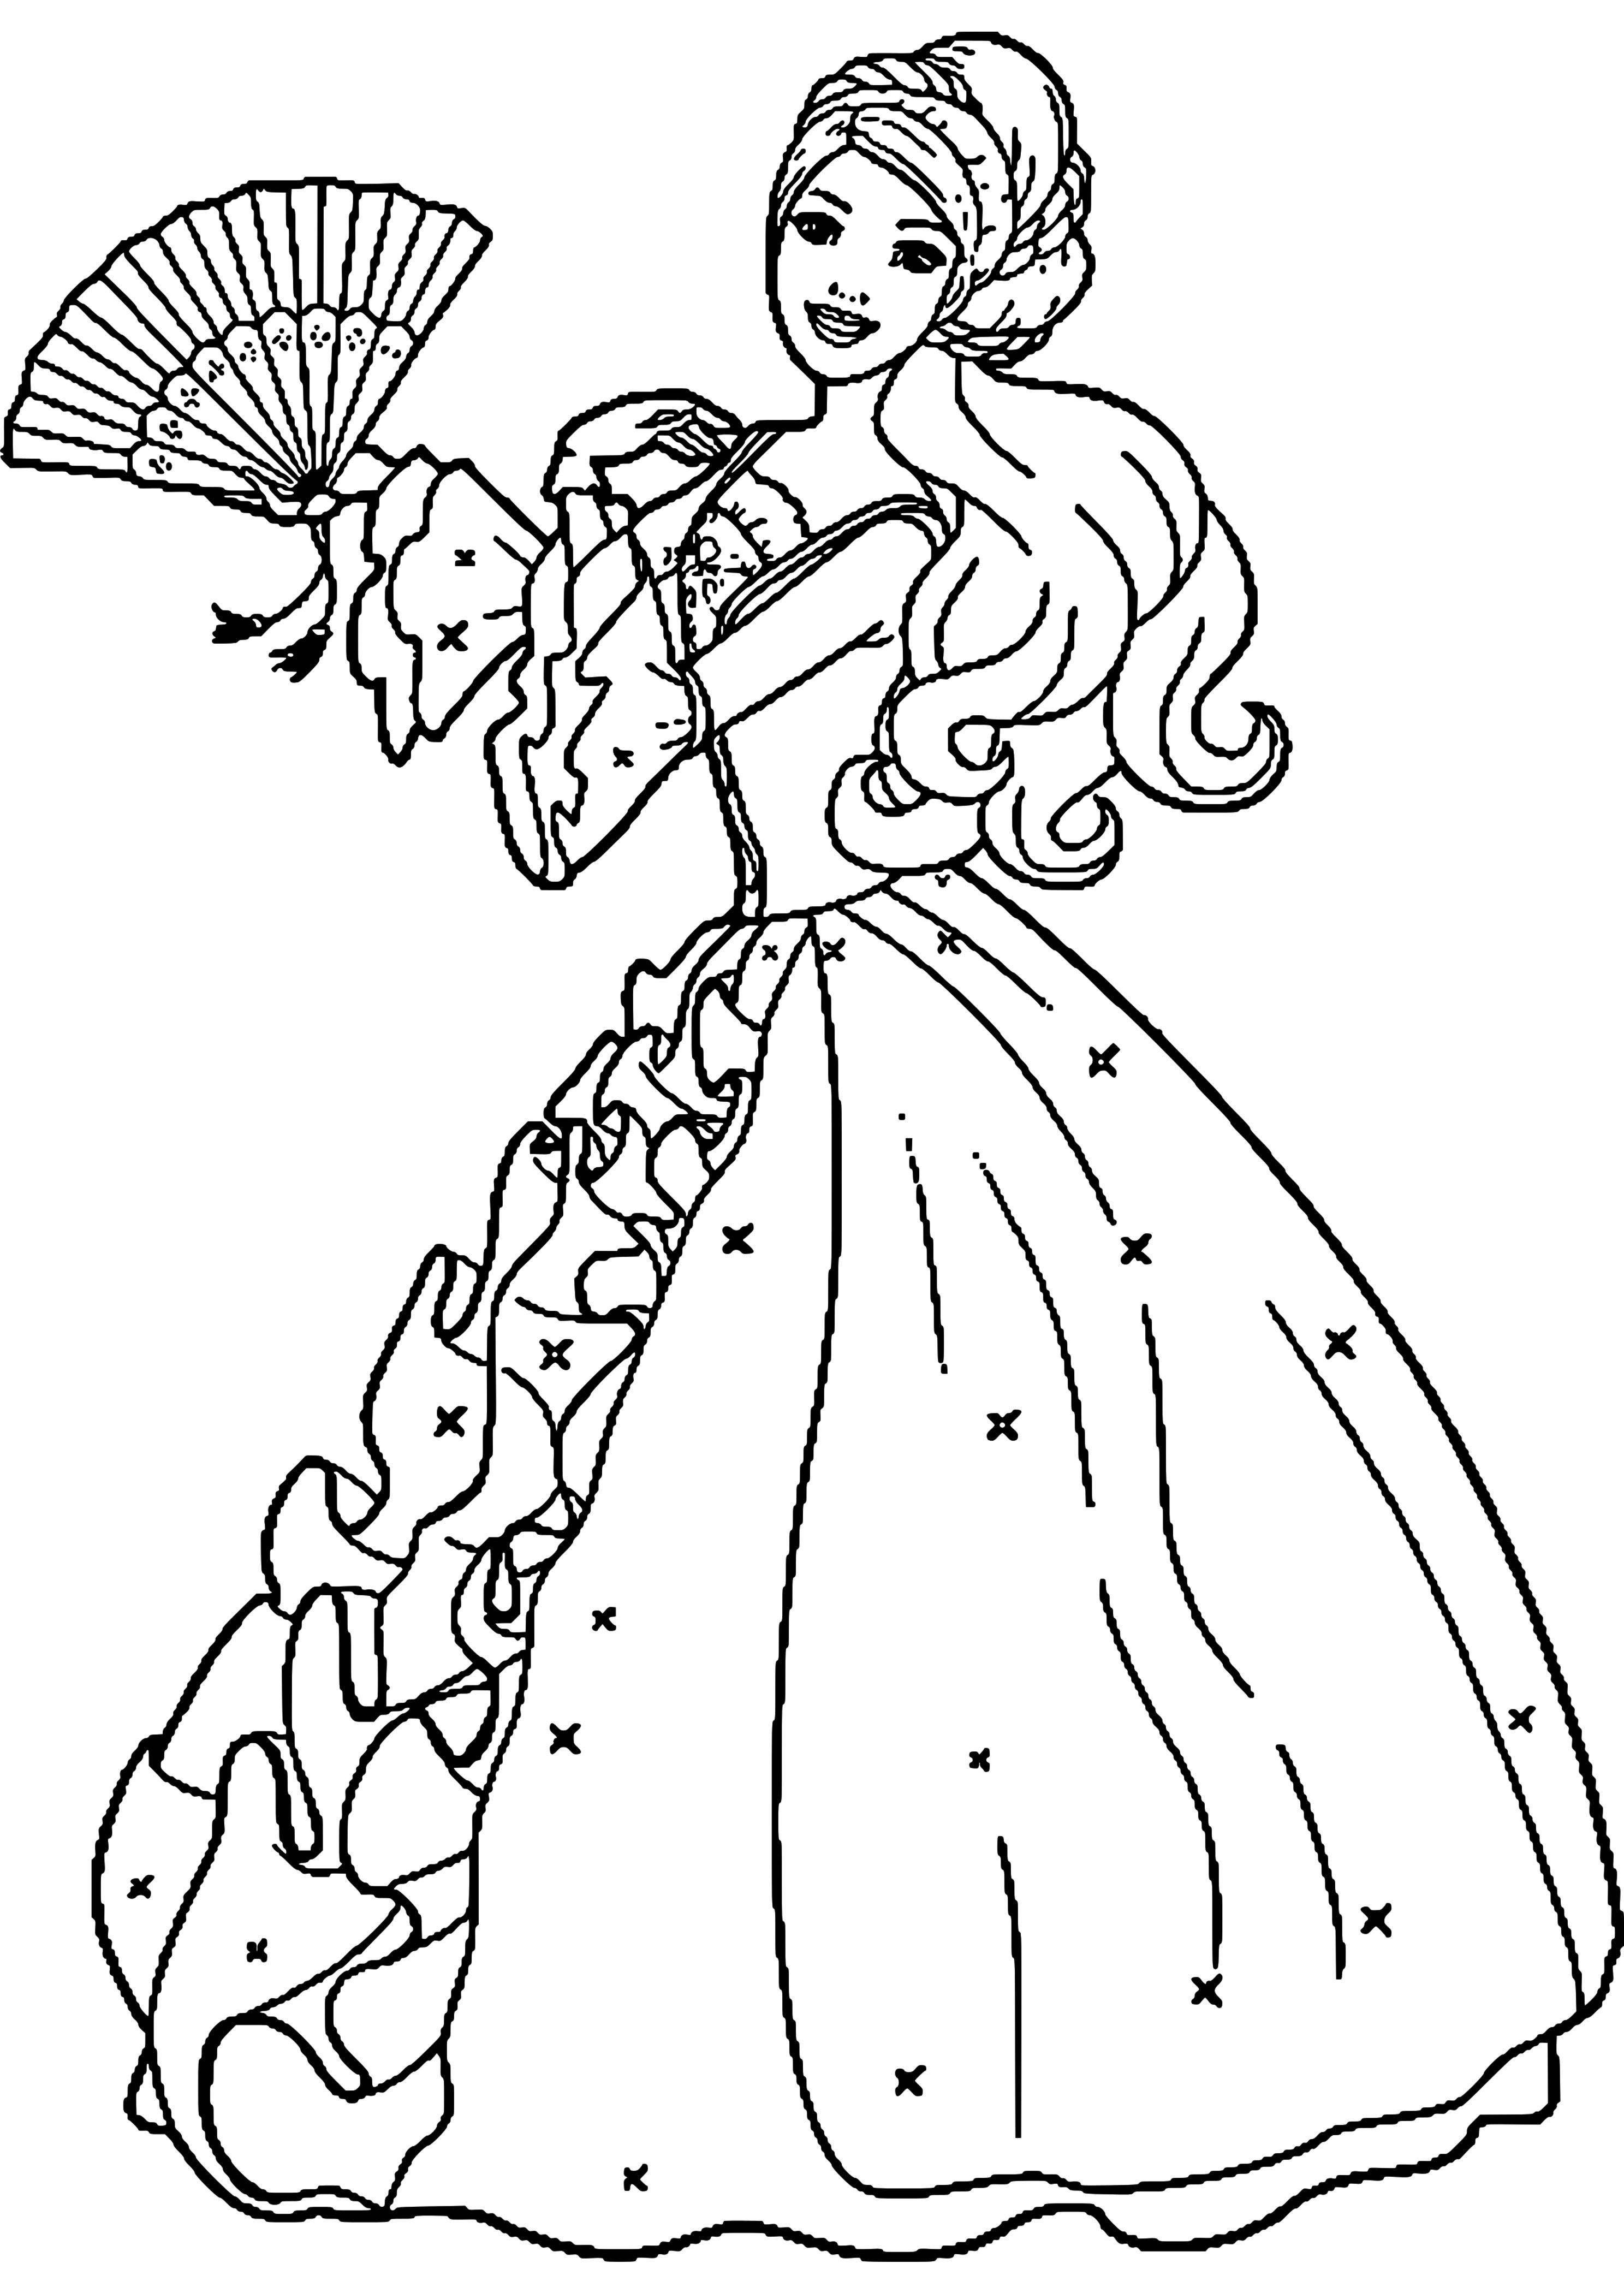 Unico disegni da colorare frozen principesse migliori for Disegni da colorare e stampare disney